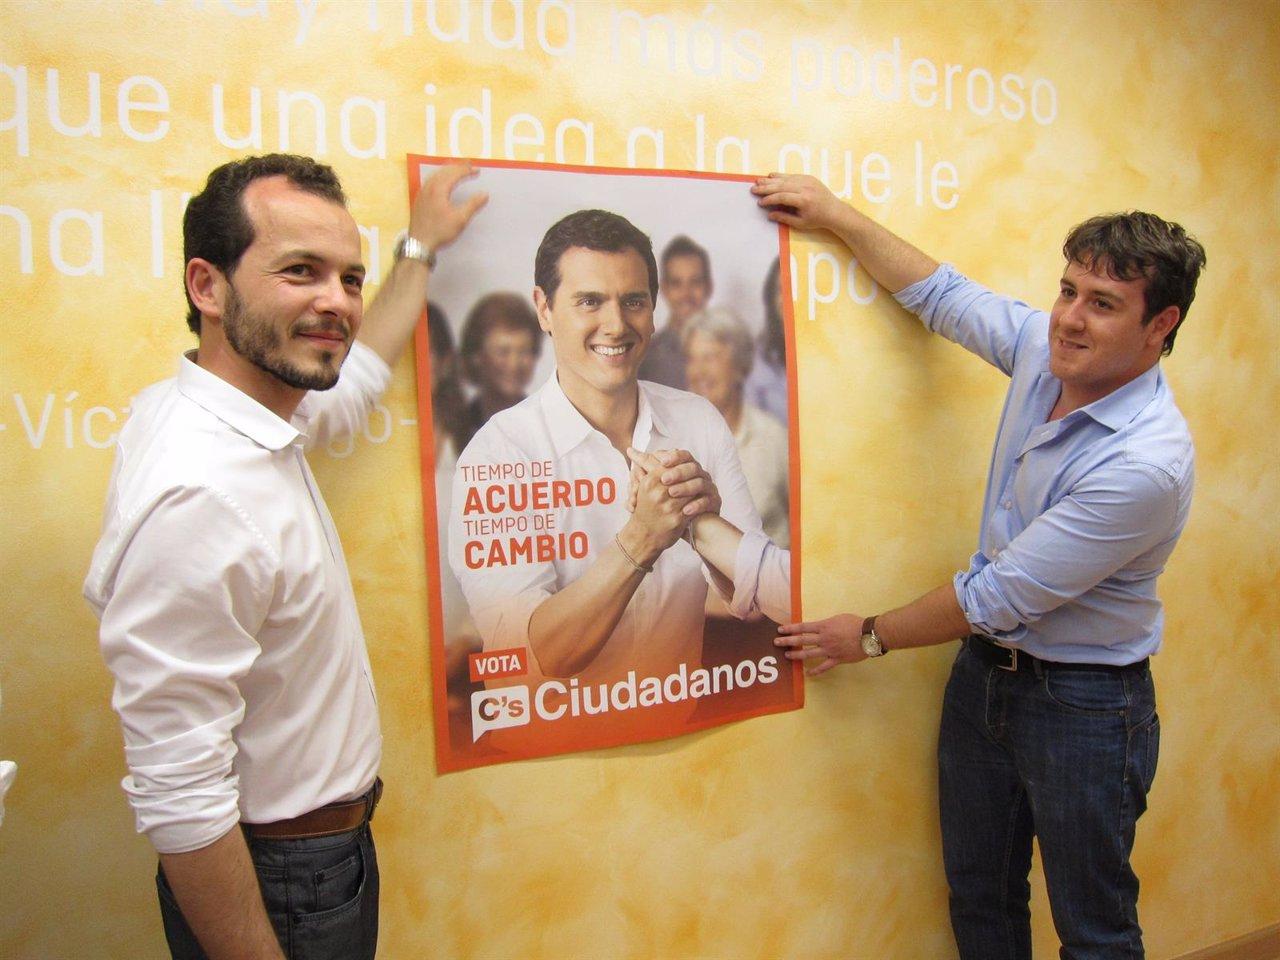 Baena posa ante el cartel electoral de Ciudadanos